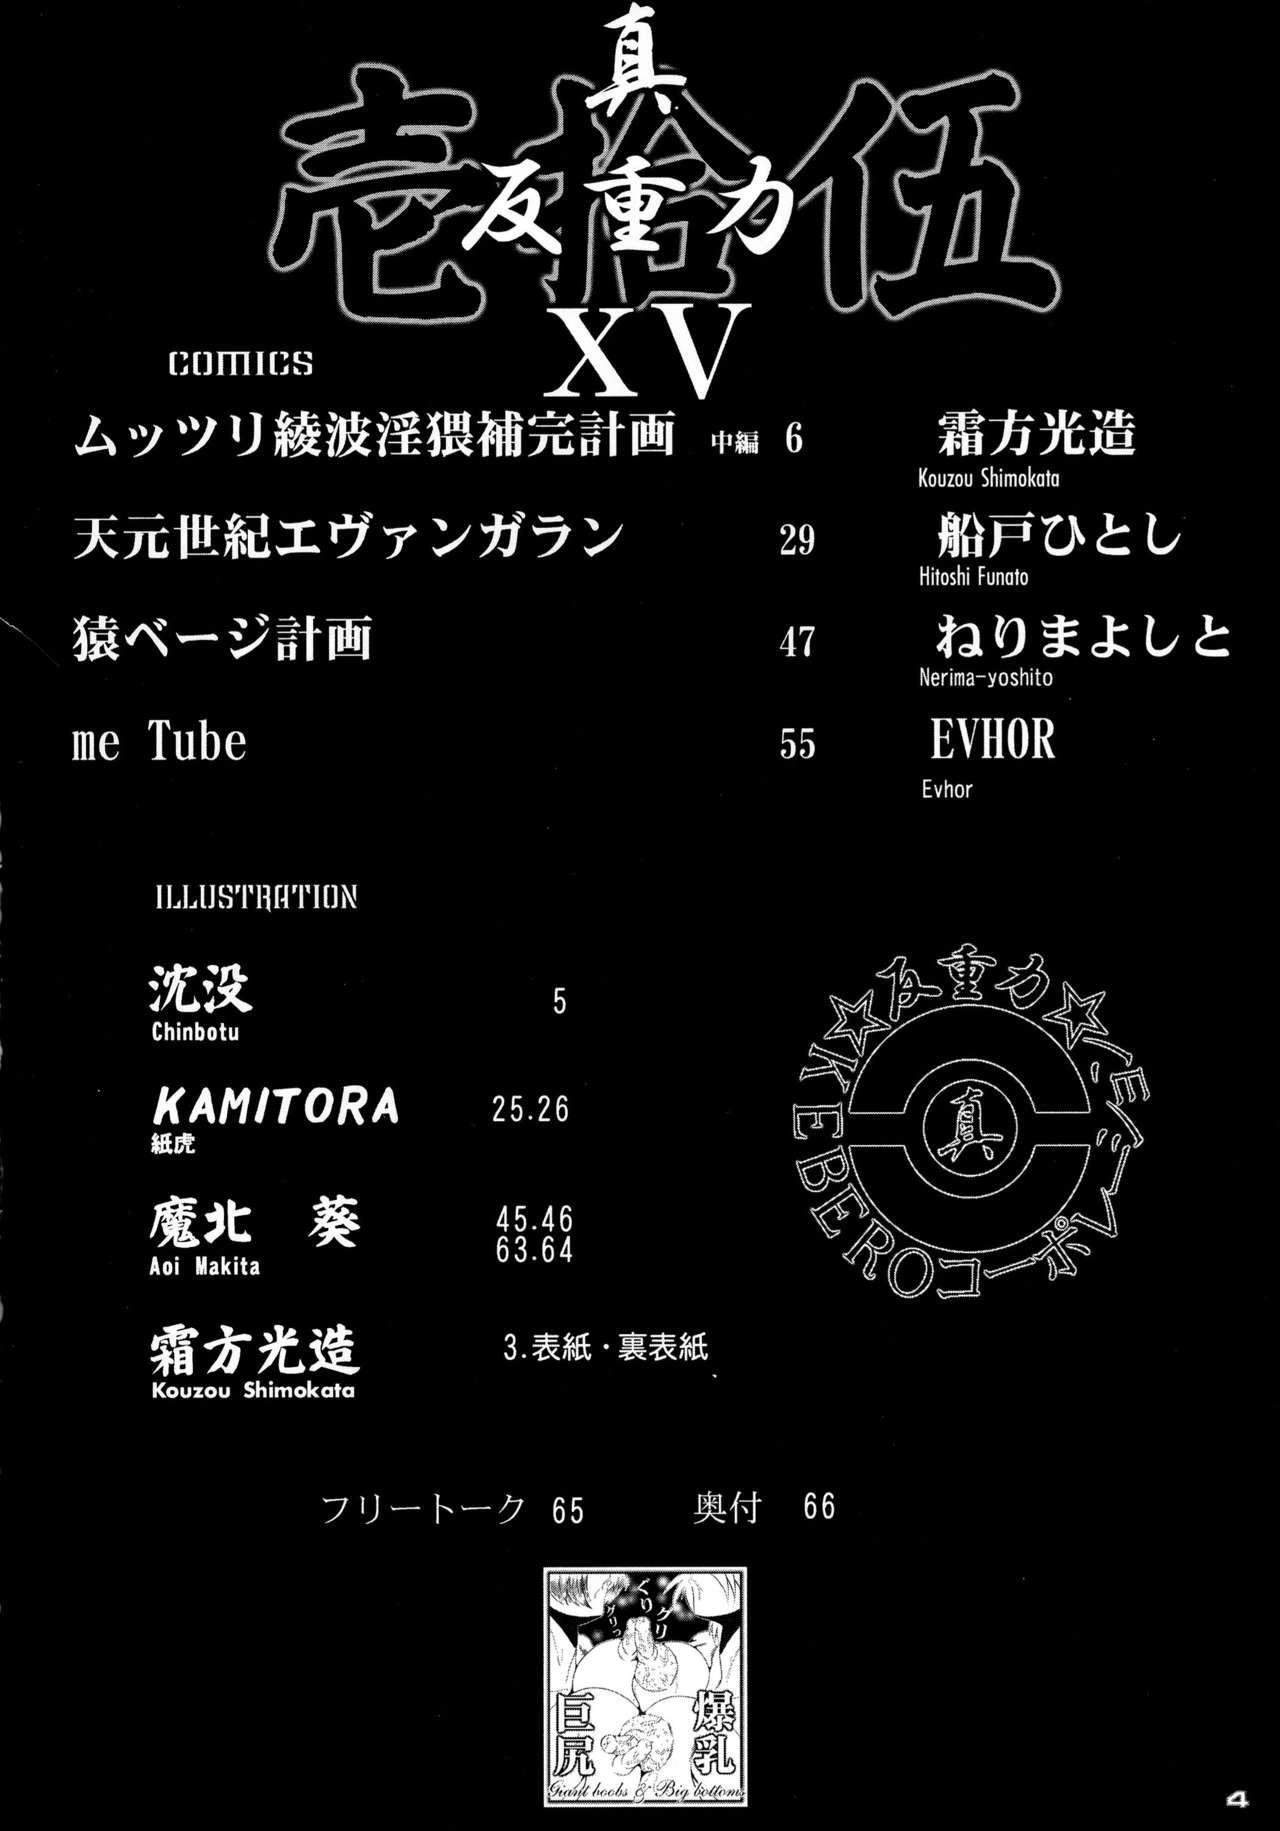 Shin Hanzyuuryoku XV 3